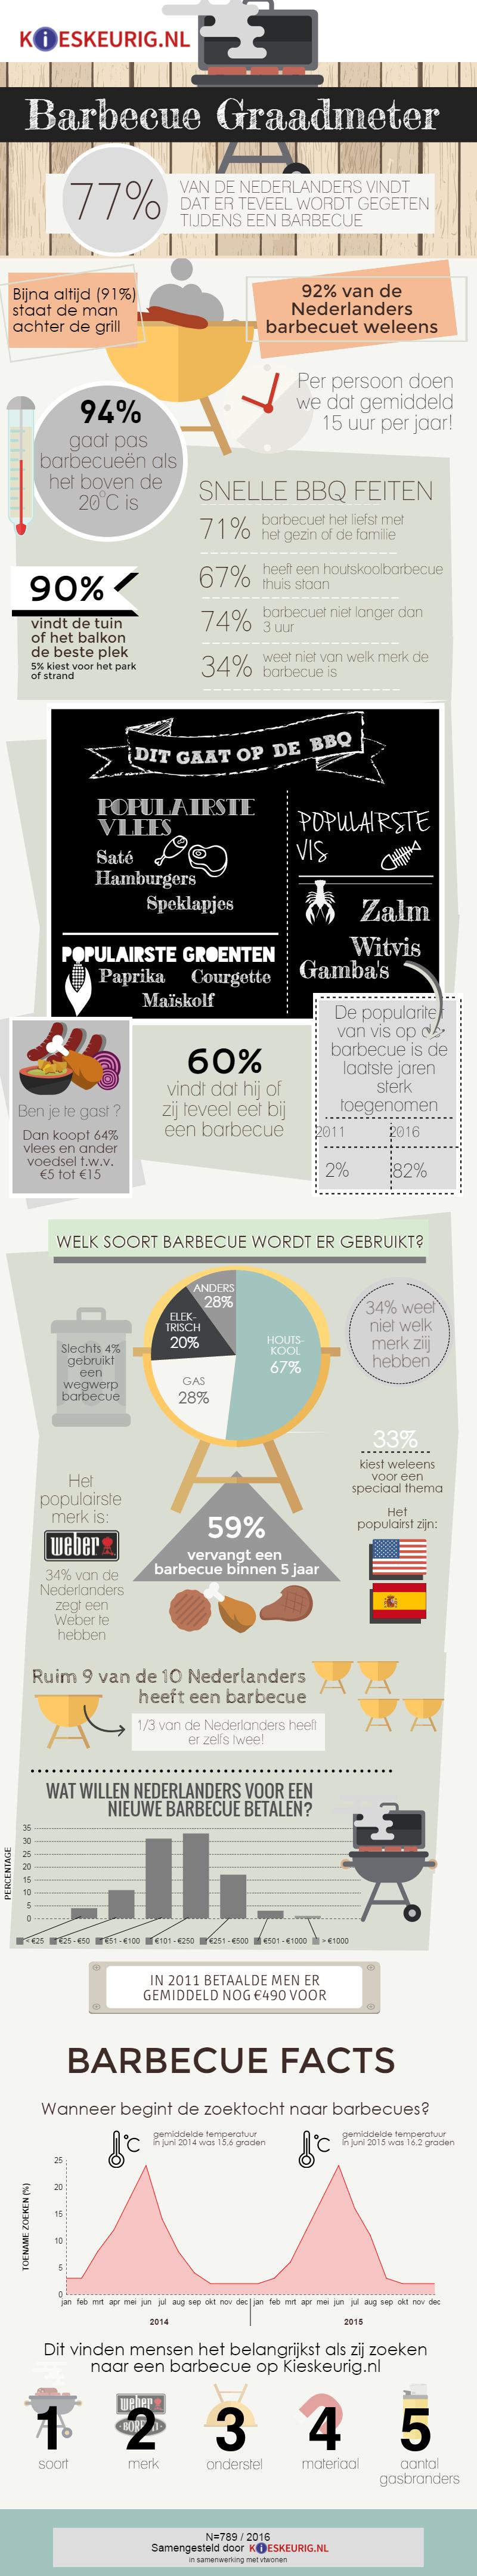 Infographic barbecue graadmeter 2016 Kieskeurig.nl